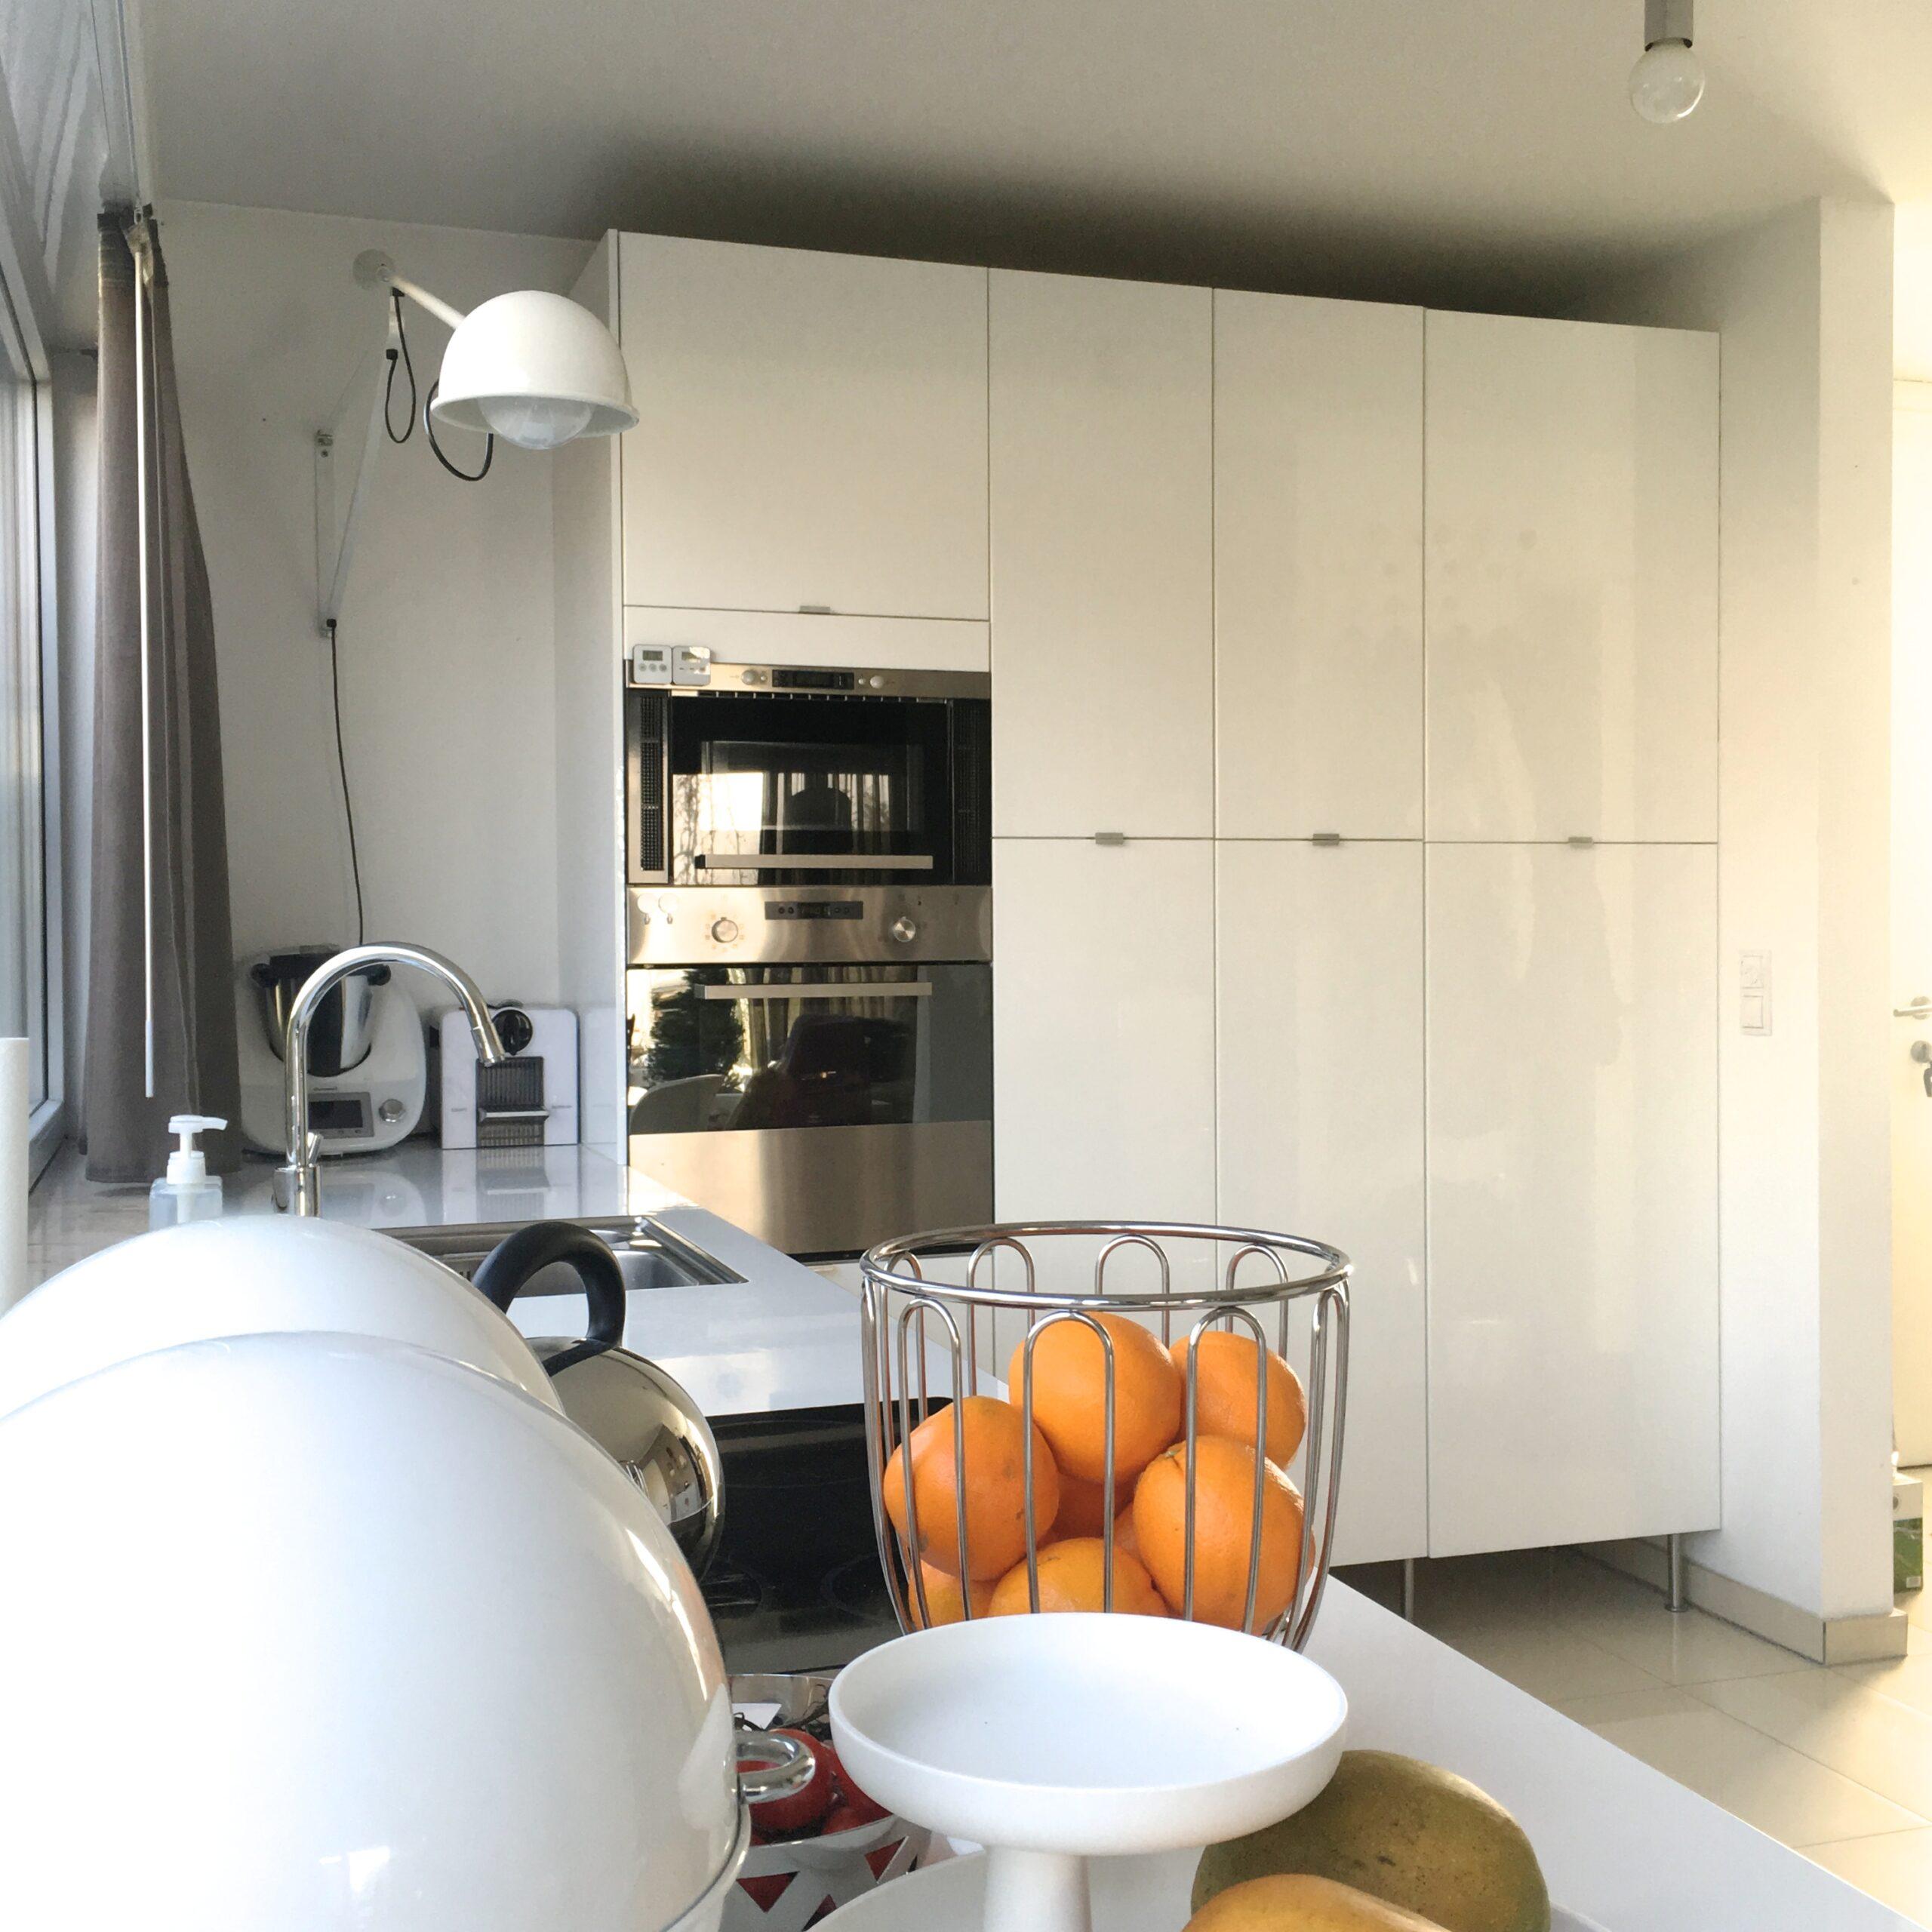 Full Size of Eckschrank Bad Küche Küchen Regal Schlafzimmer Wohnzimmer Küchen Eckschrank Rondell